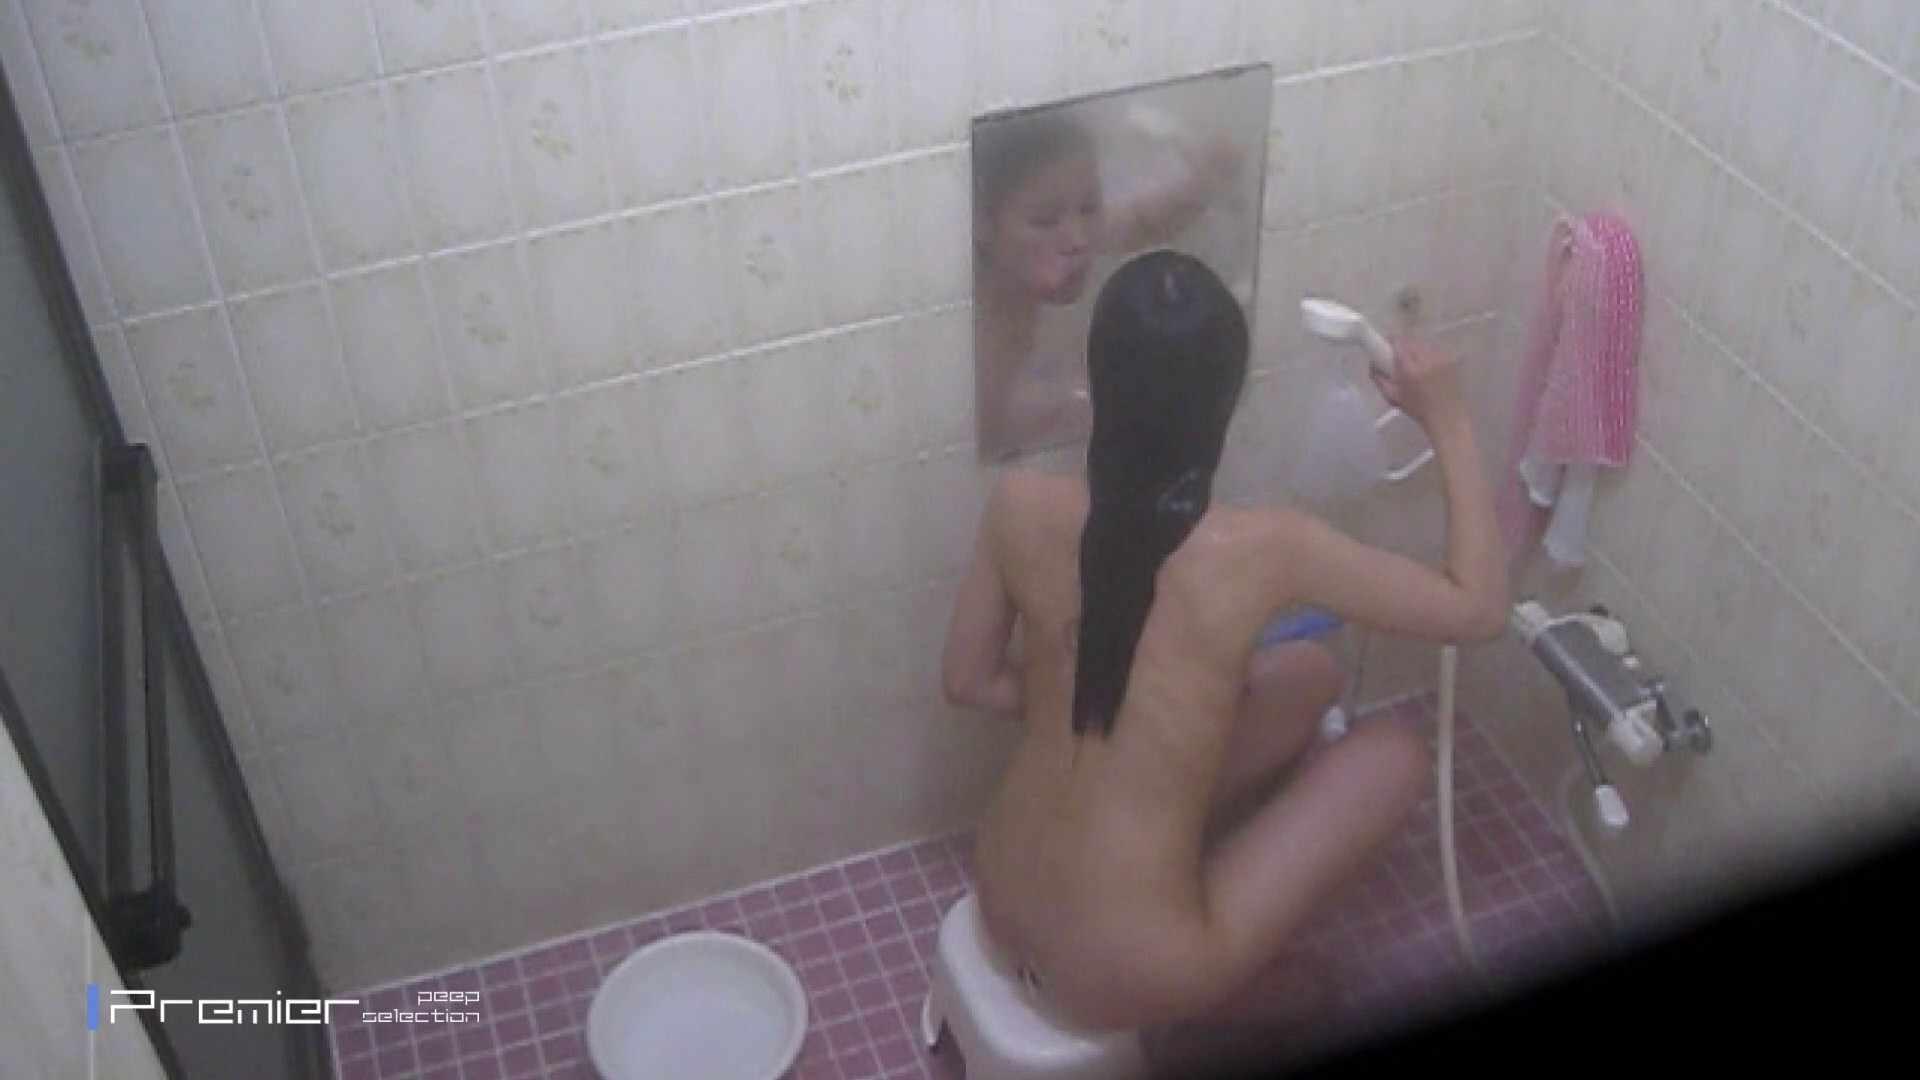 鏡に写る美女バレ盗撮 乙女の風呂場 Vol.10 投稿 AV動画キャプチャ 86画像 41